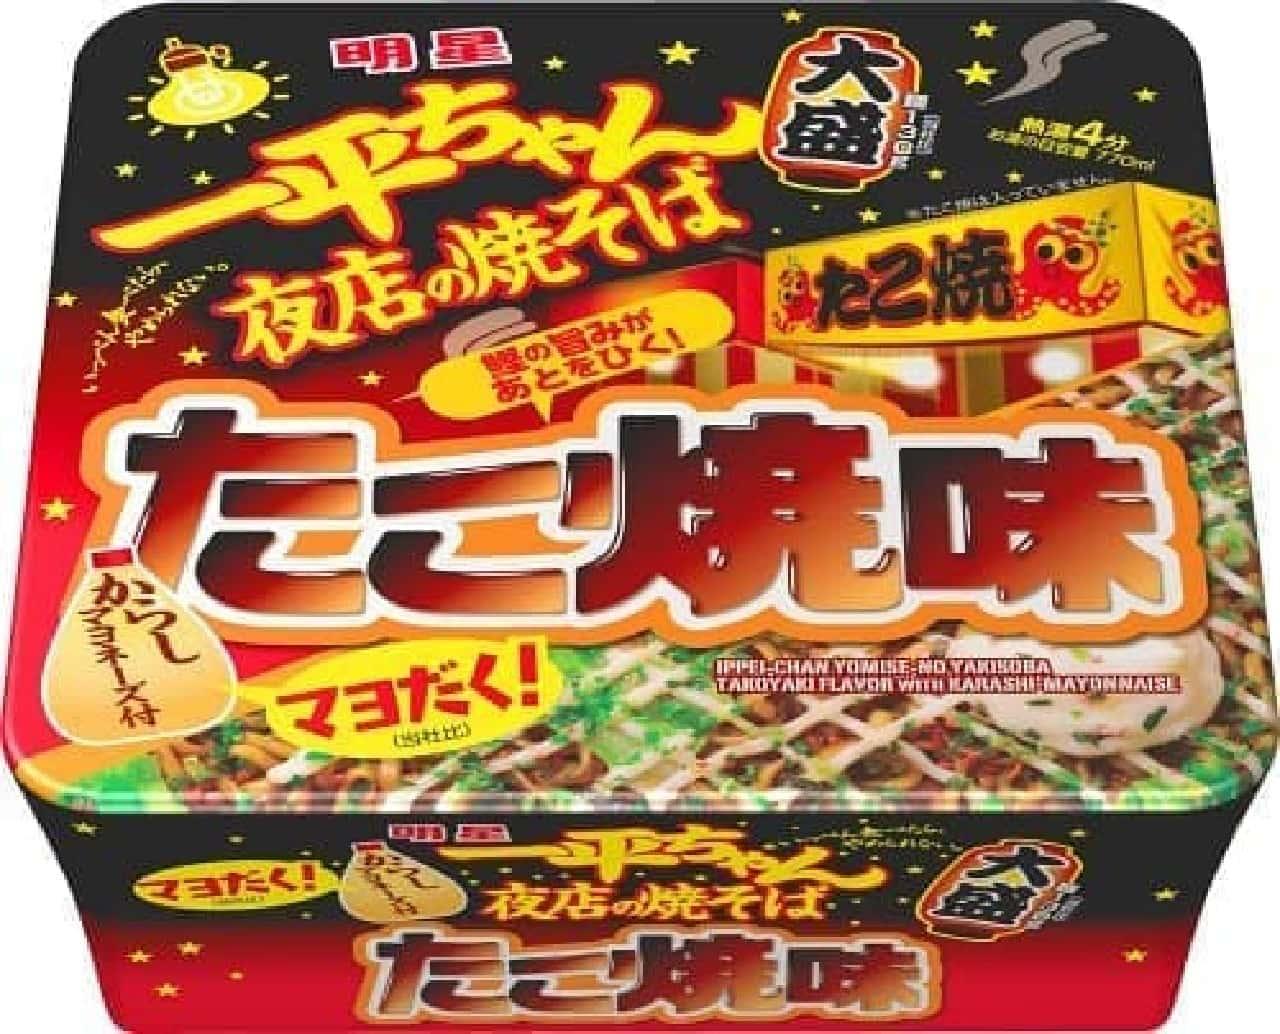 明星食品「明星 一平ちゃん夜店の焼そば 大盛 たこ焼味」